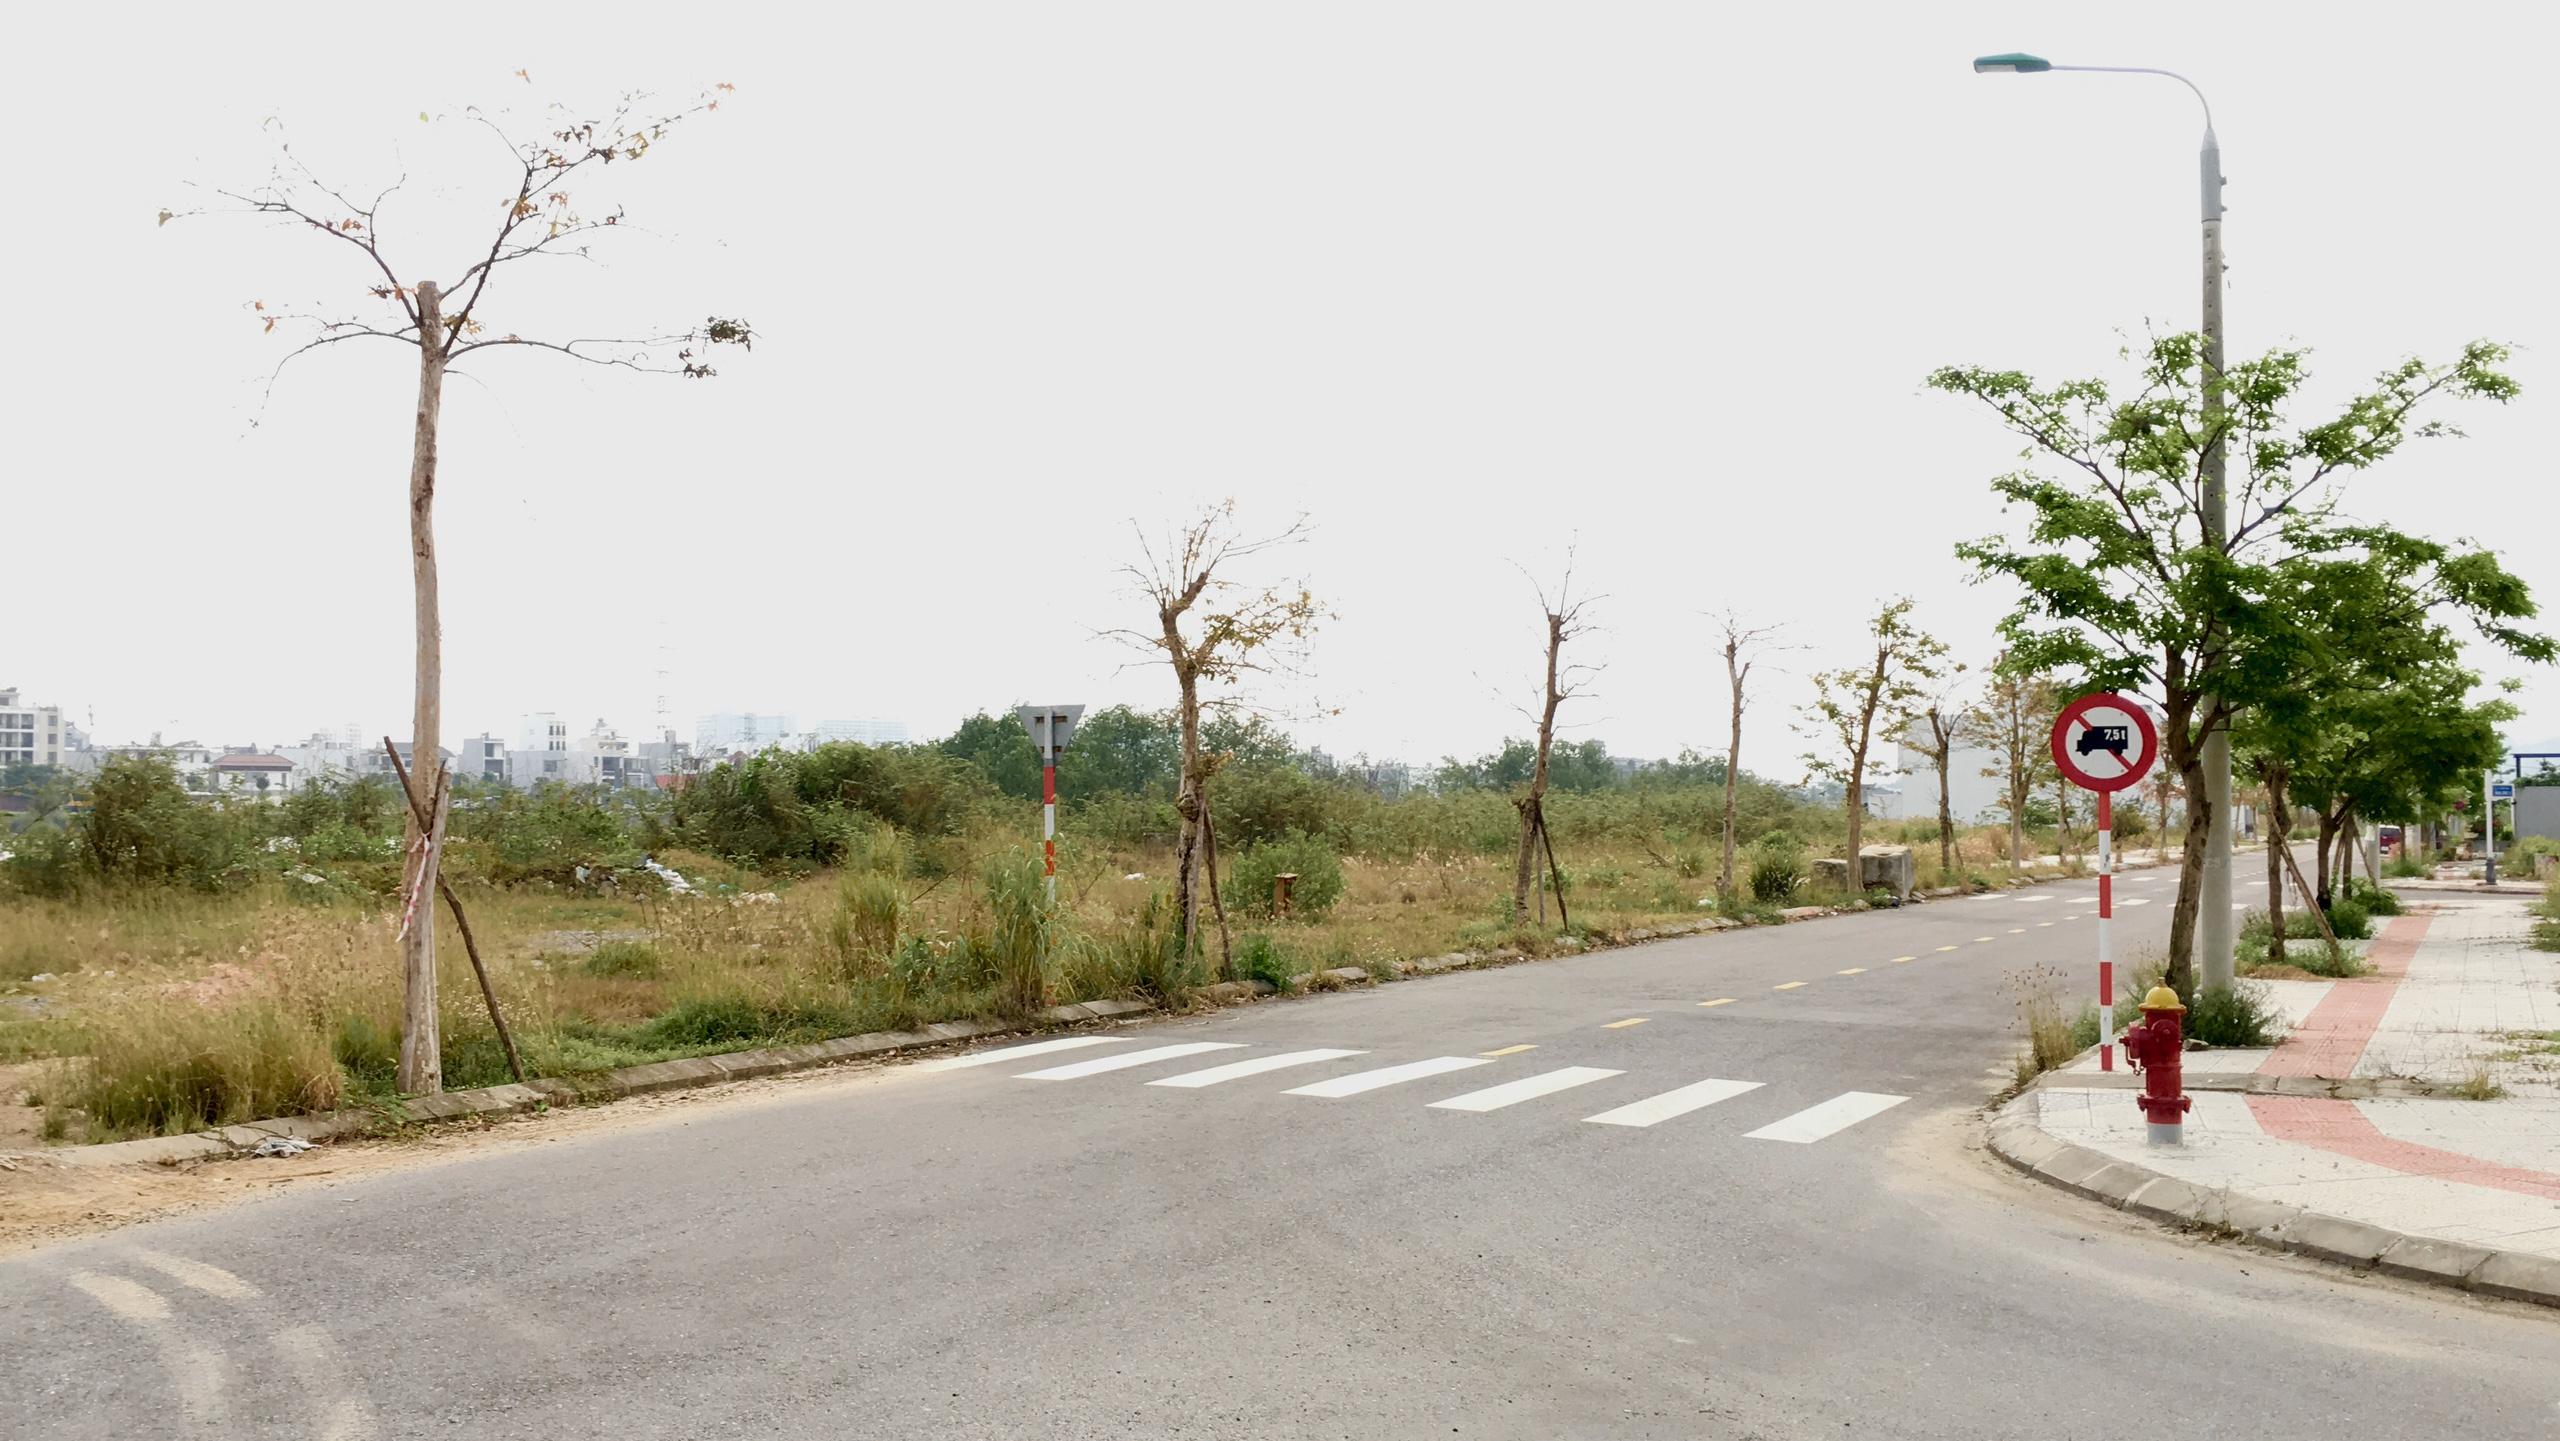 Cận cảnh nơi Đà Nẵng quy hoạch đến 2030 sẽ làm cầu từ đường Bùi Tá Hán qua Hòa Xuân - Ảnh 6.